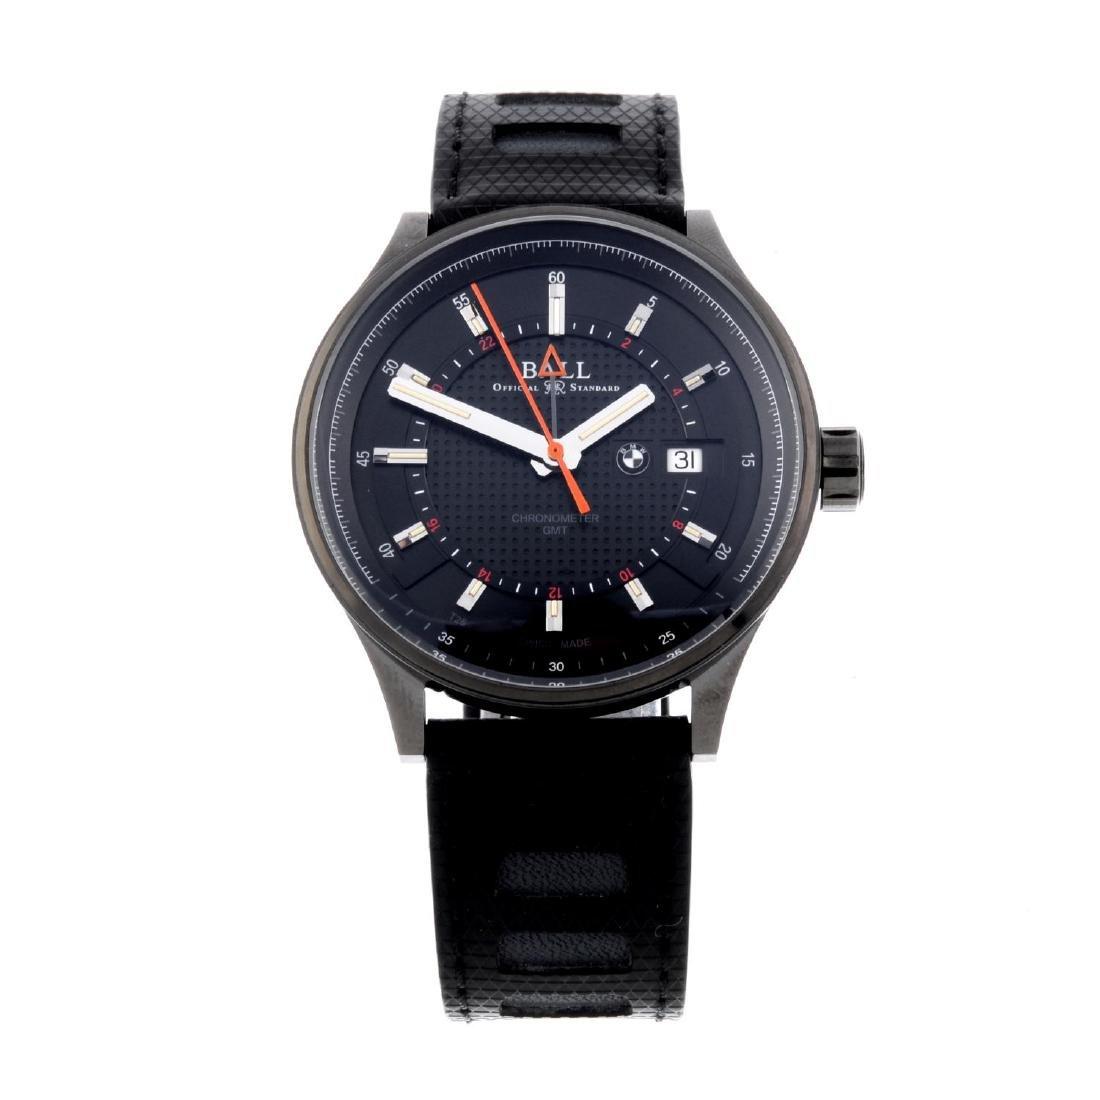 BALL - a gentleman's 'BMW' GMT wrist watch. DLC-treated